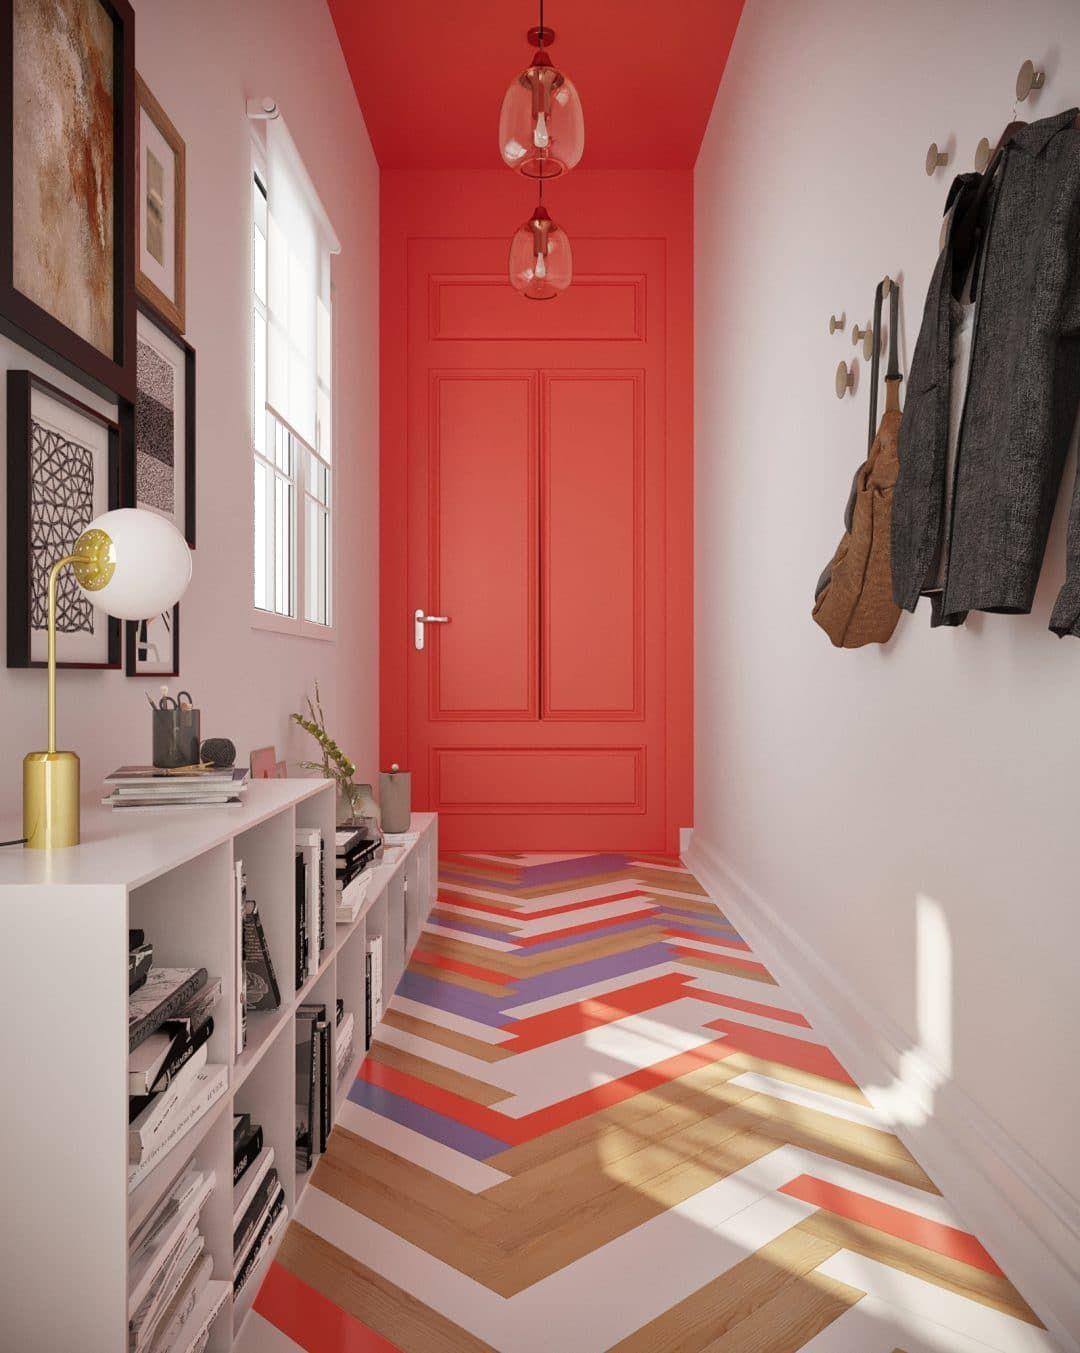 hall d'entrée lumineuse colorée rouge corail sol chevron multicolor lampe ronde laiton